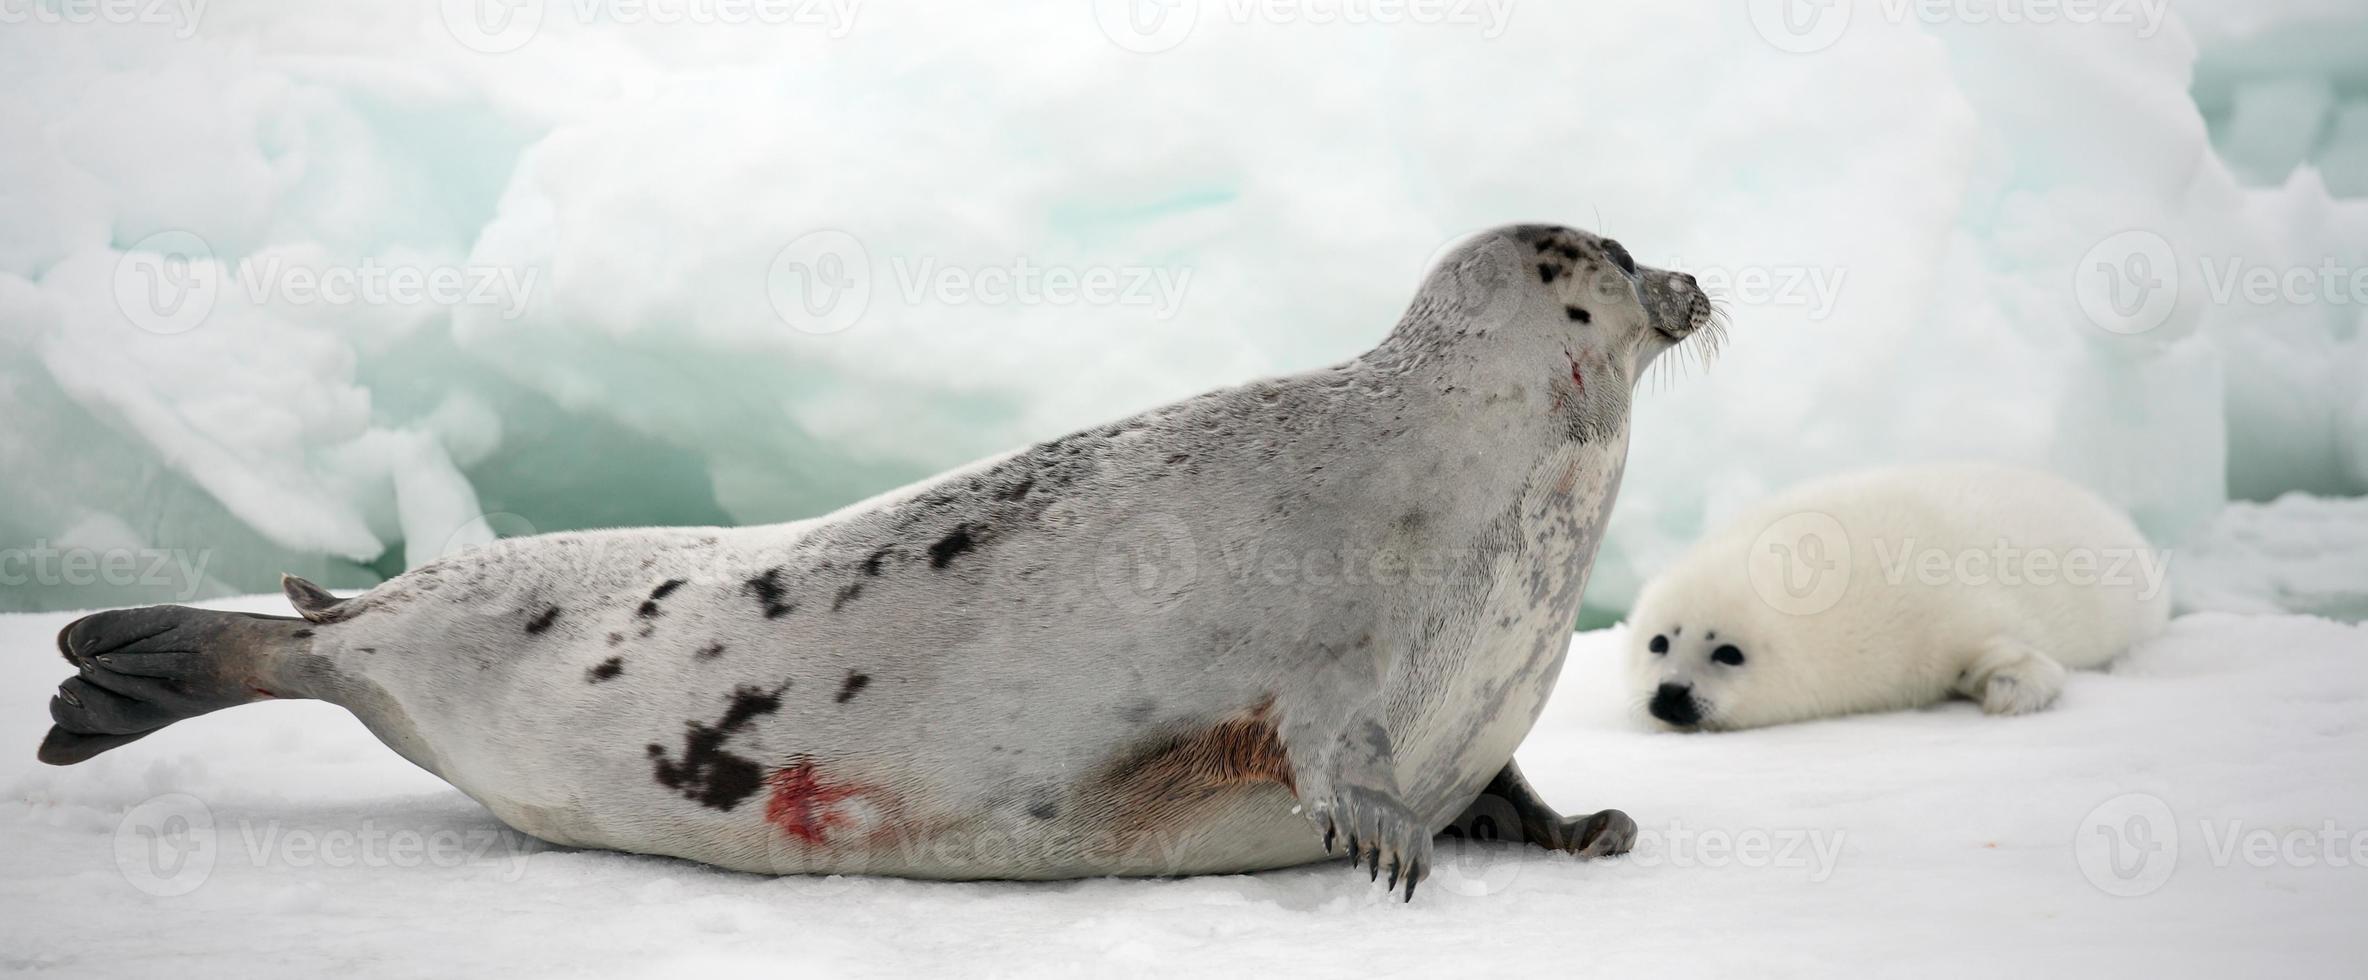 foca arpa madre vaca y cachorro recién nacido en hielo foto